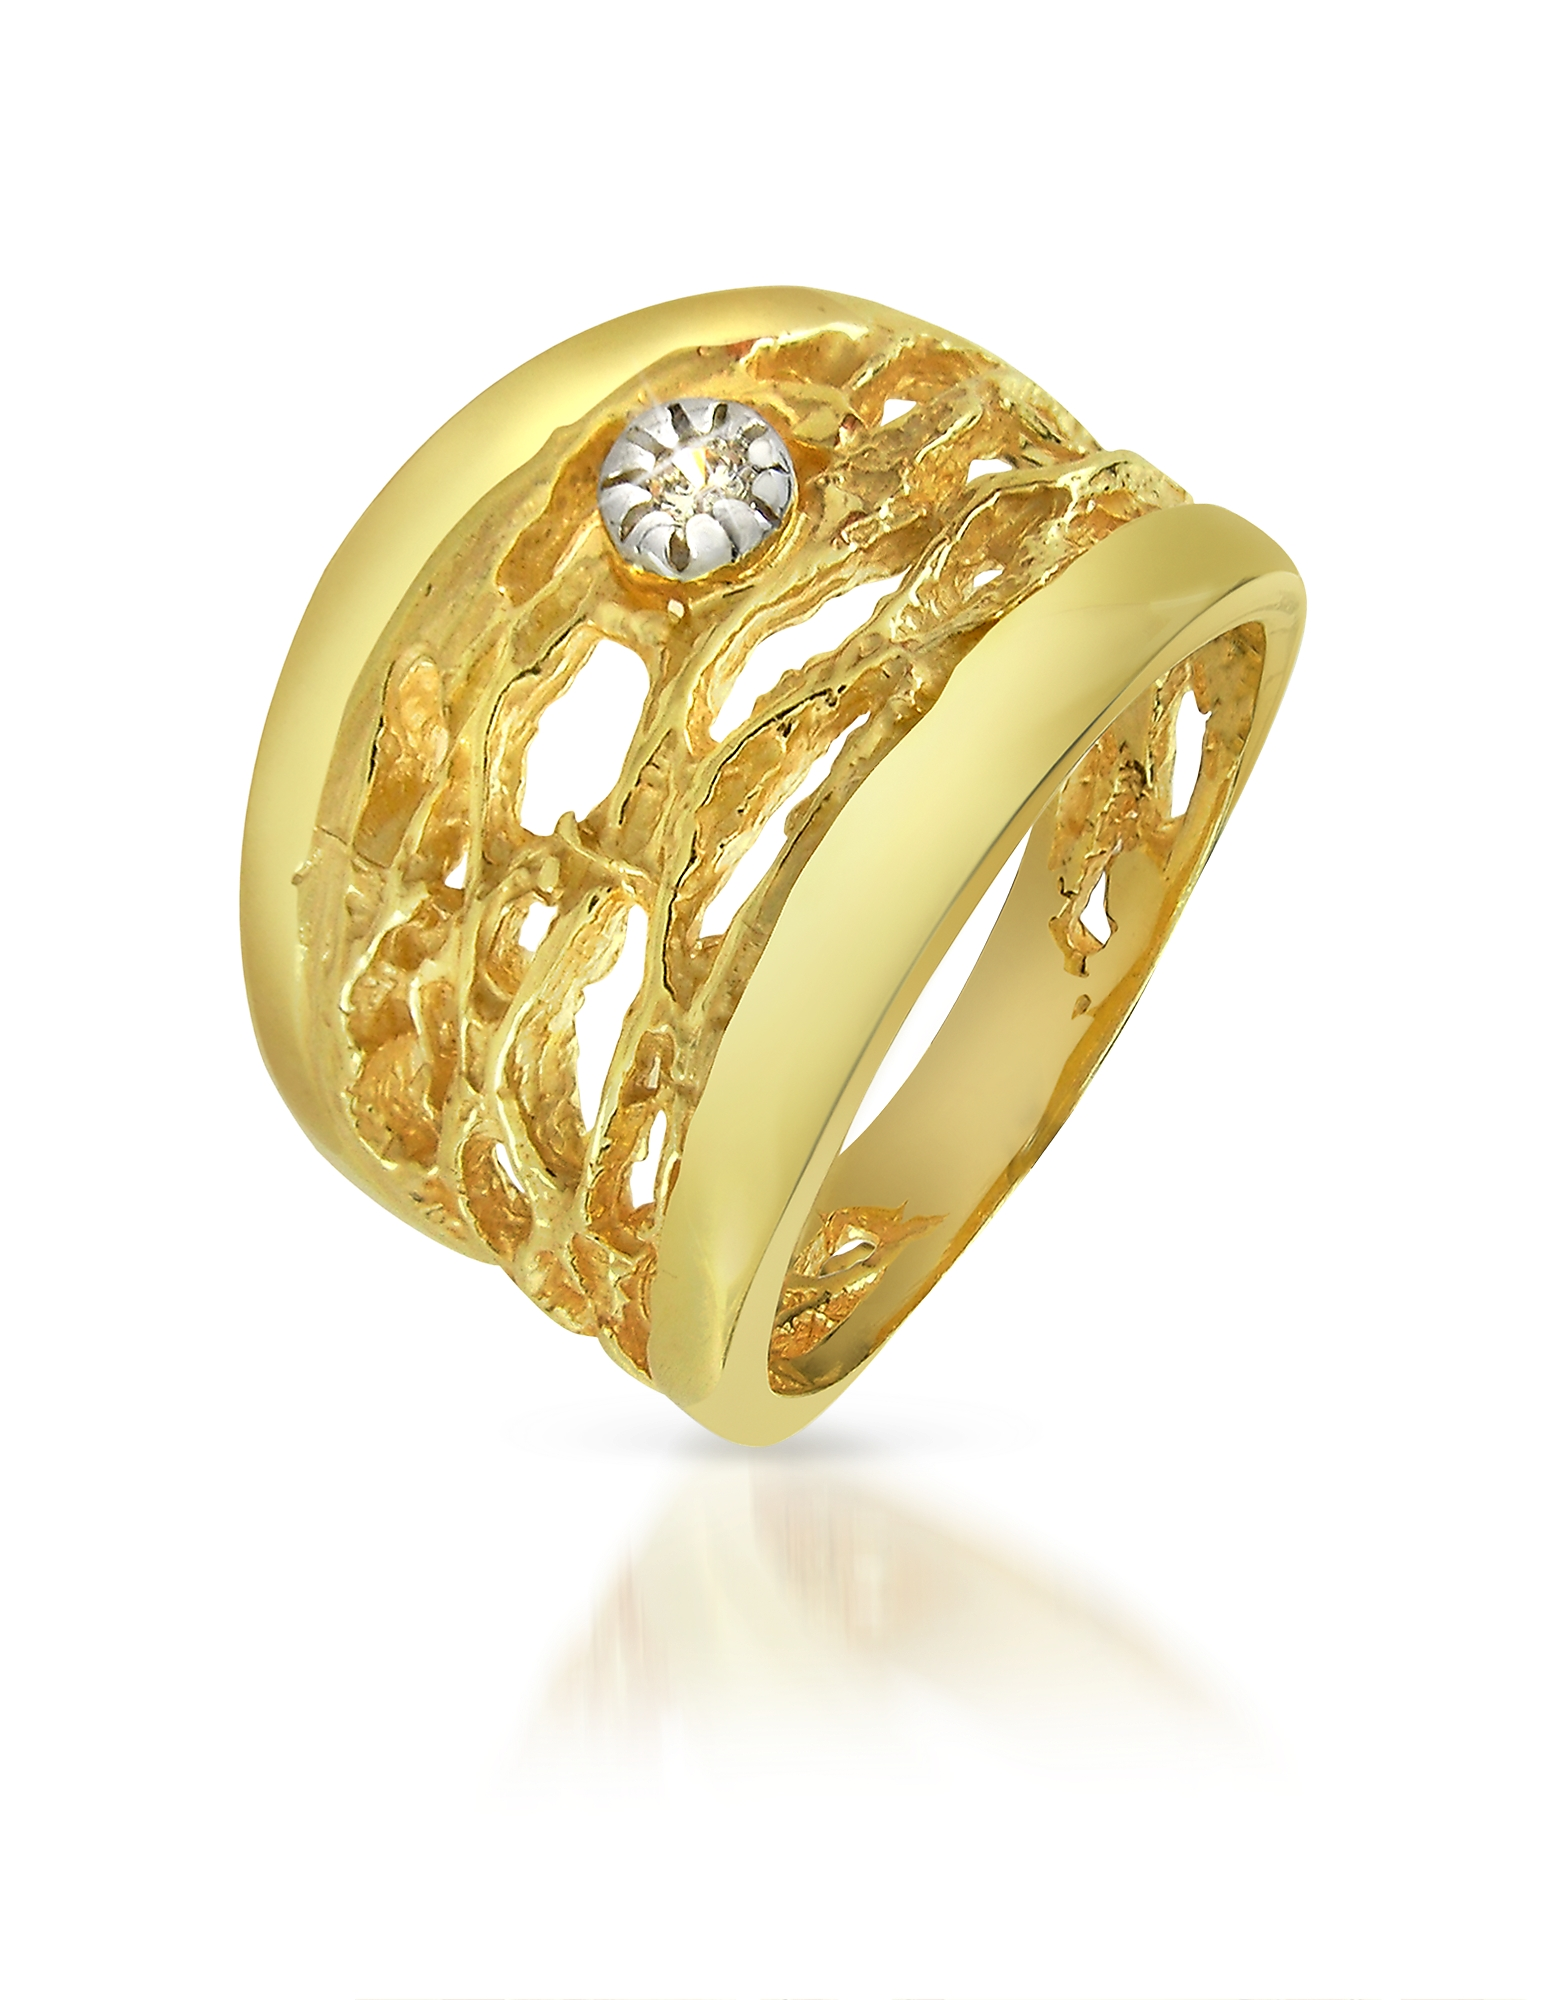 Фото Кольцо с Резным Узором из Желтого Золота 18 карат с Бриллиантом. Купить с доставкой